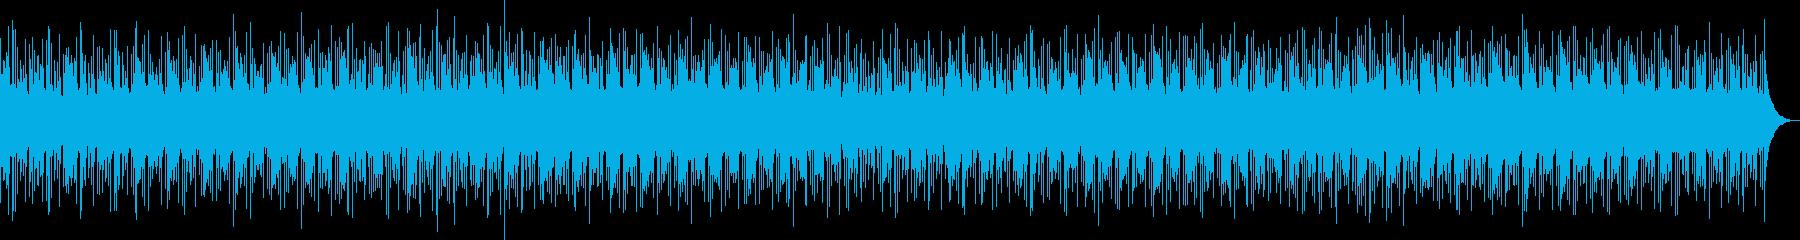 和風・企業VP・ポップ・三味線の再生済みの波形